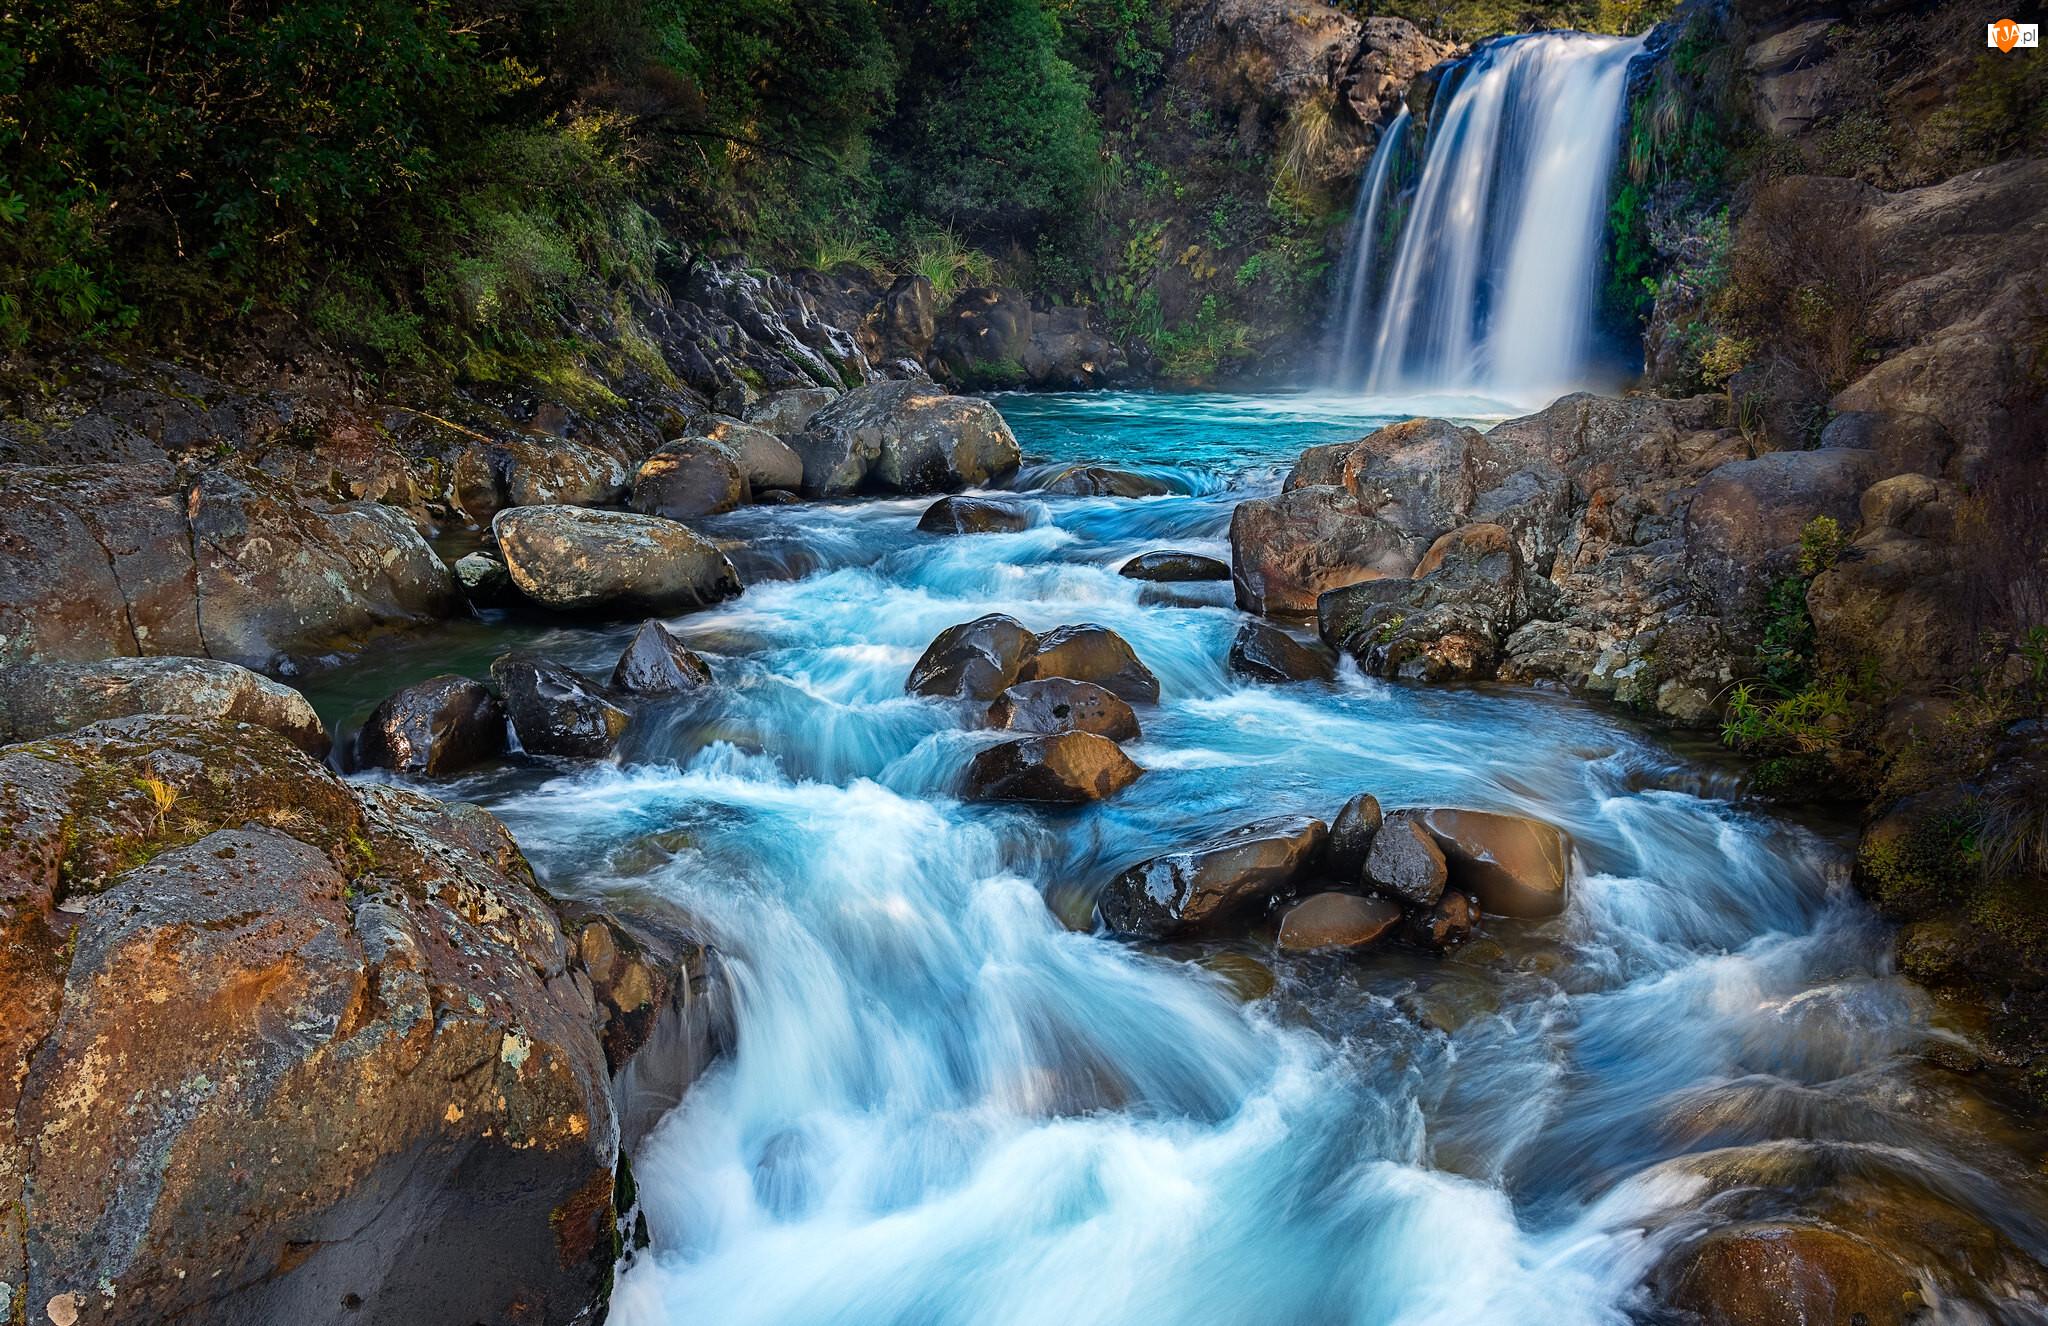 Tawhai Falls, Wodospad, Park Narodowy Tongariro, Nowa Zelandia, Rzeka, Skały